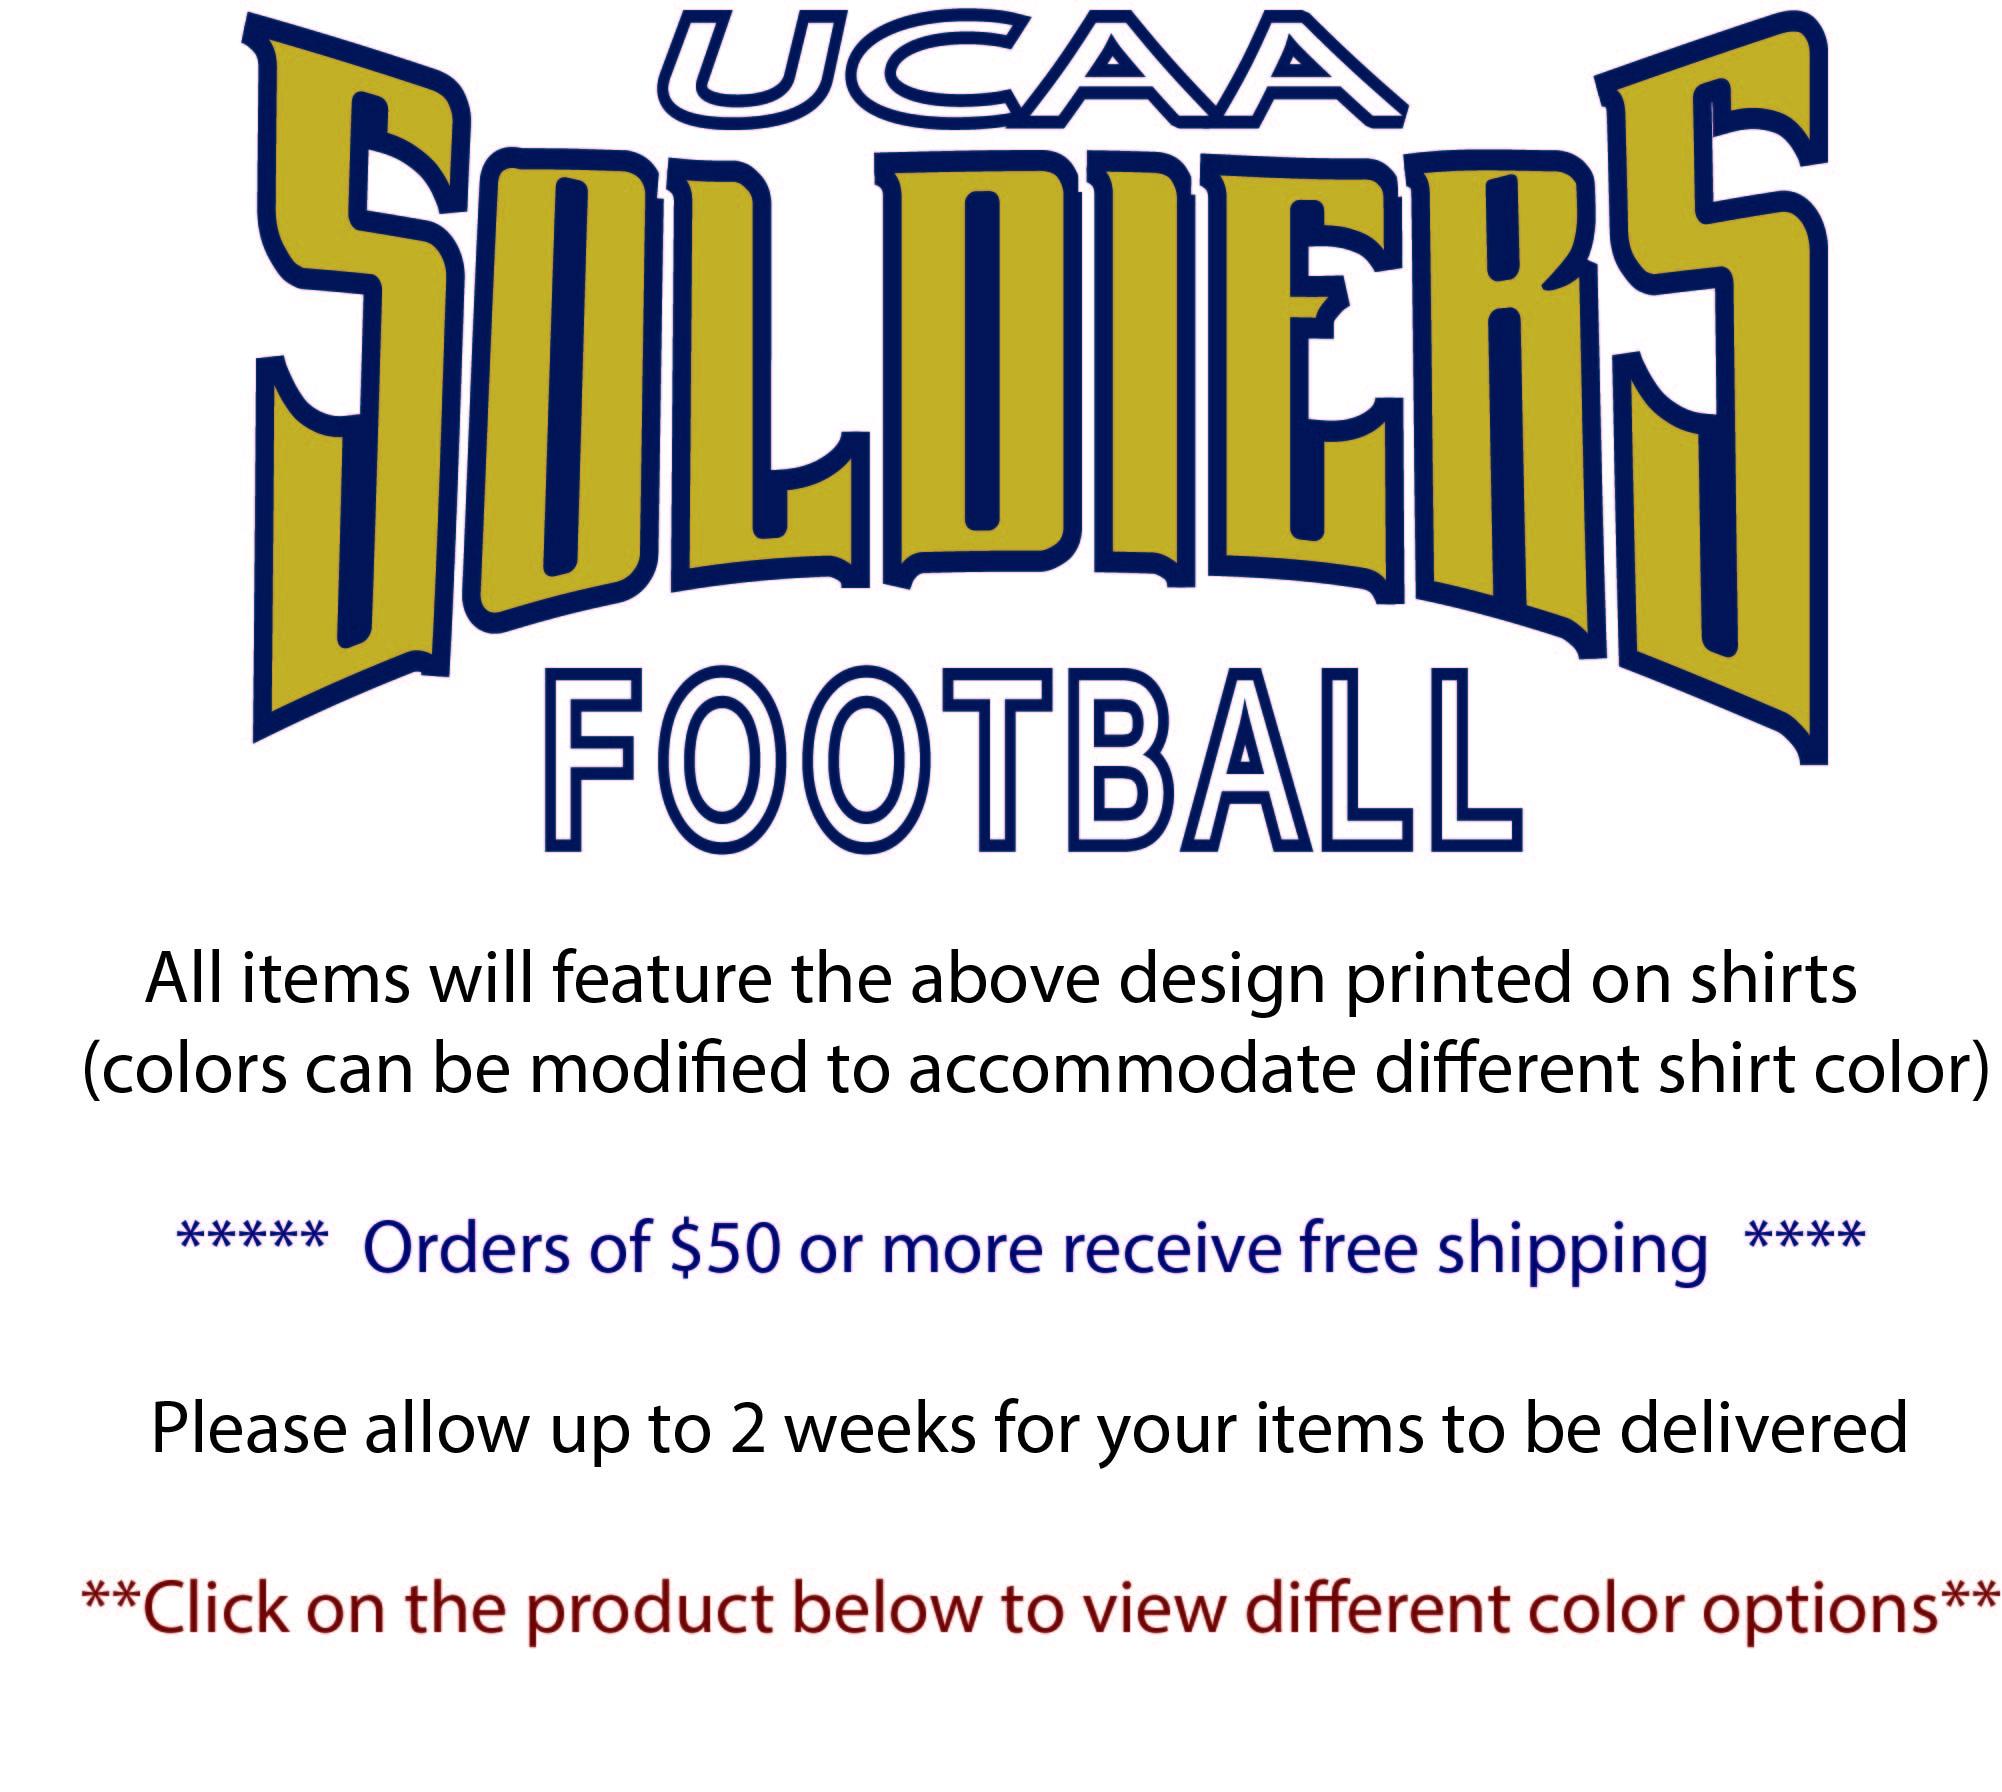 ucaa-football-soldiers-web-site-header.jpg